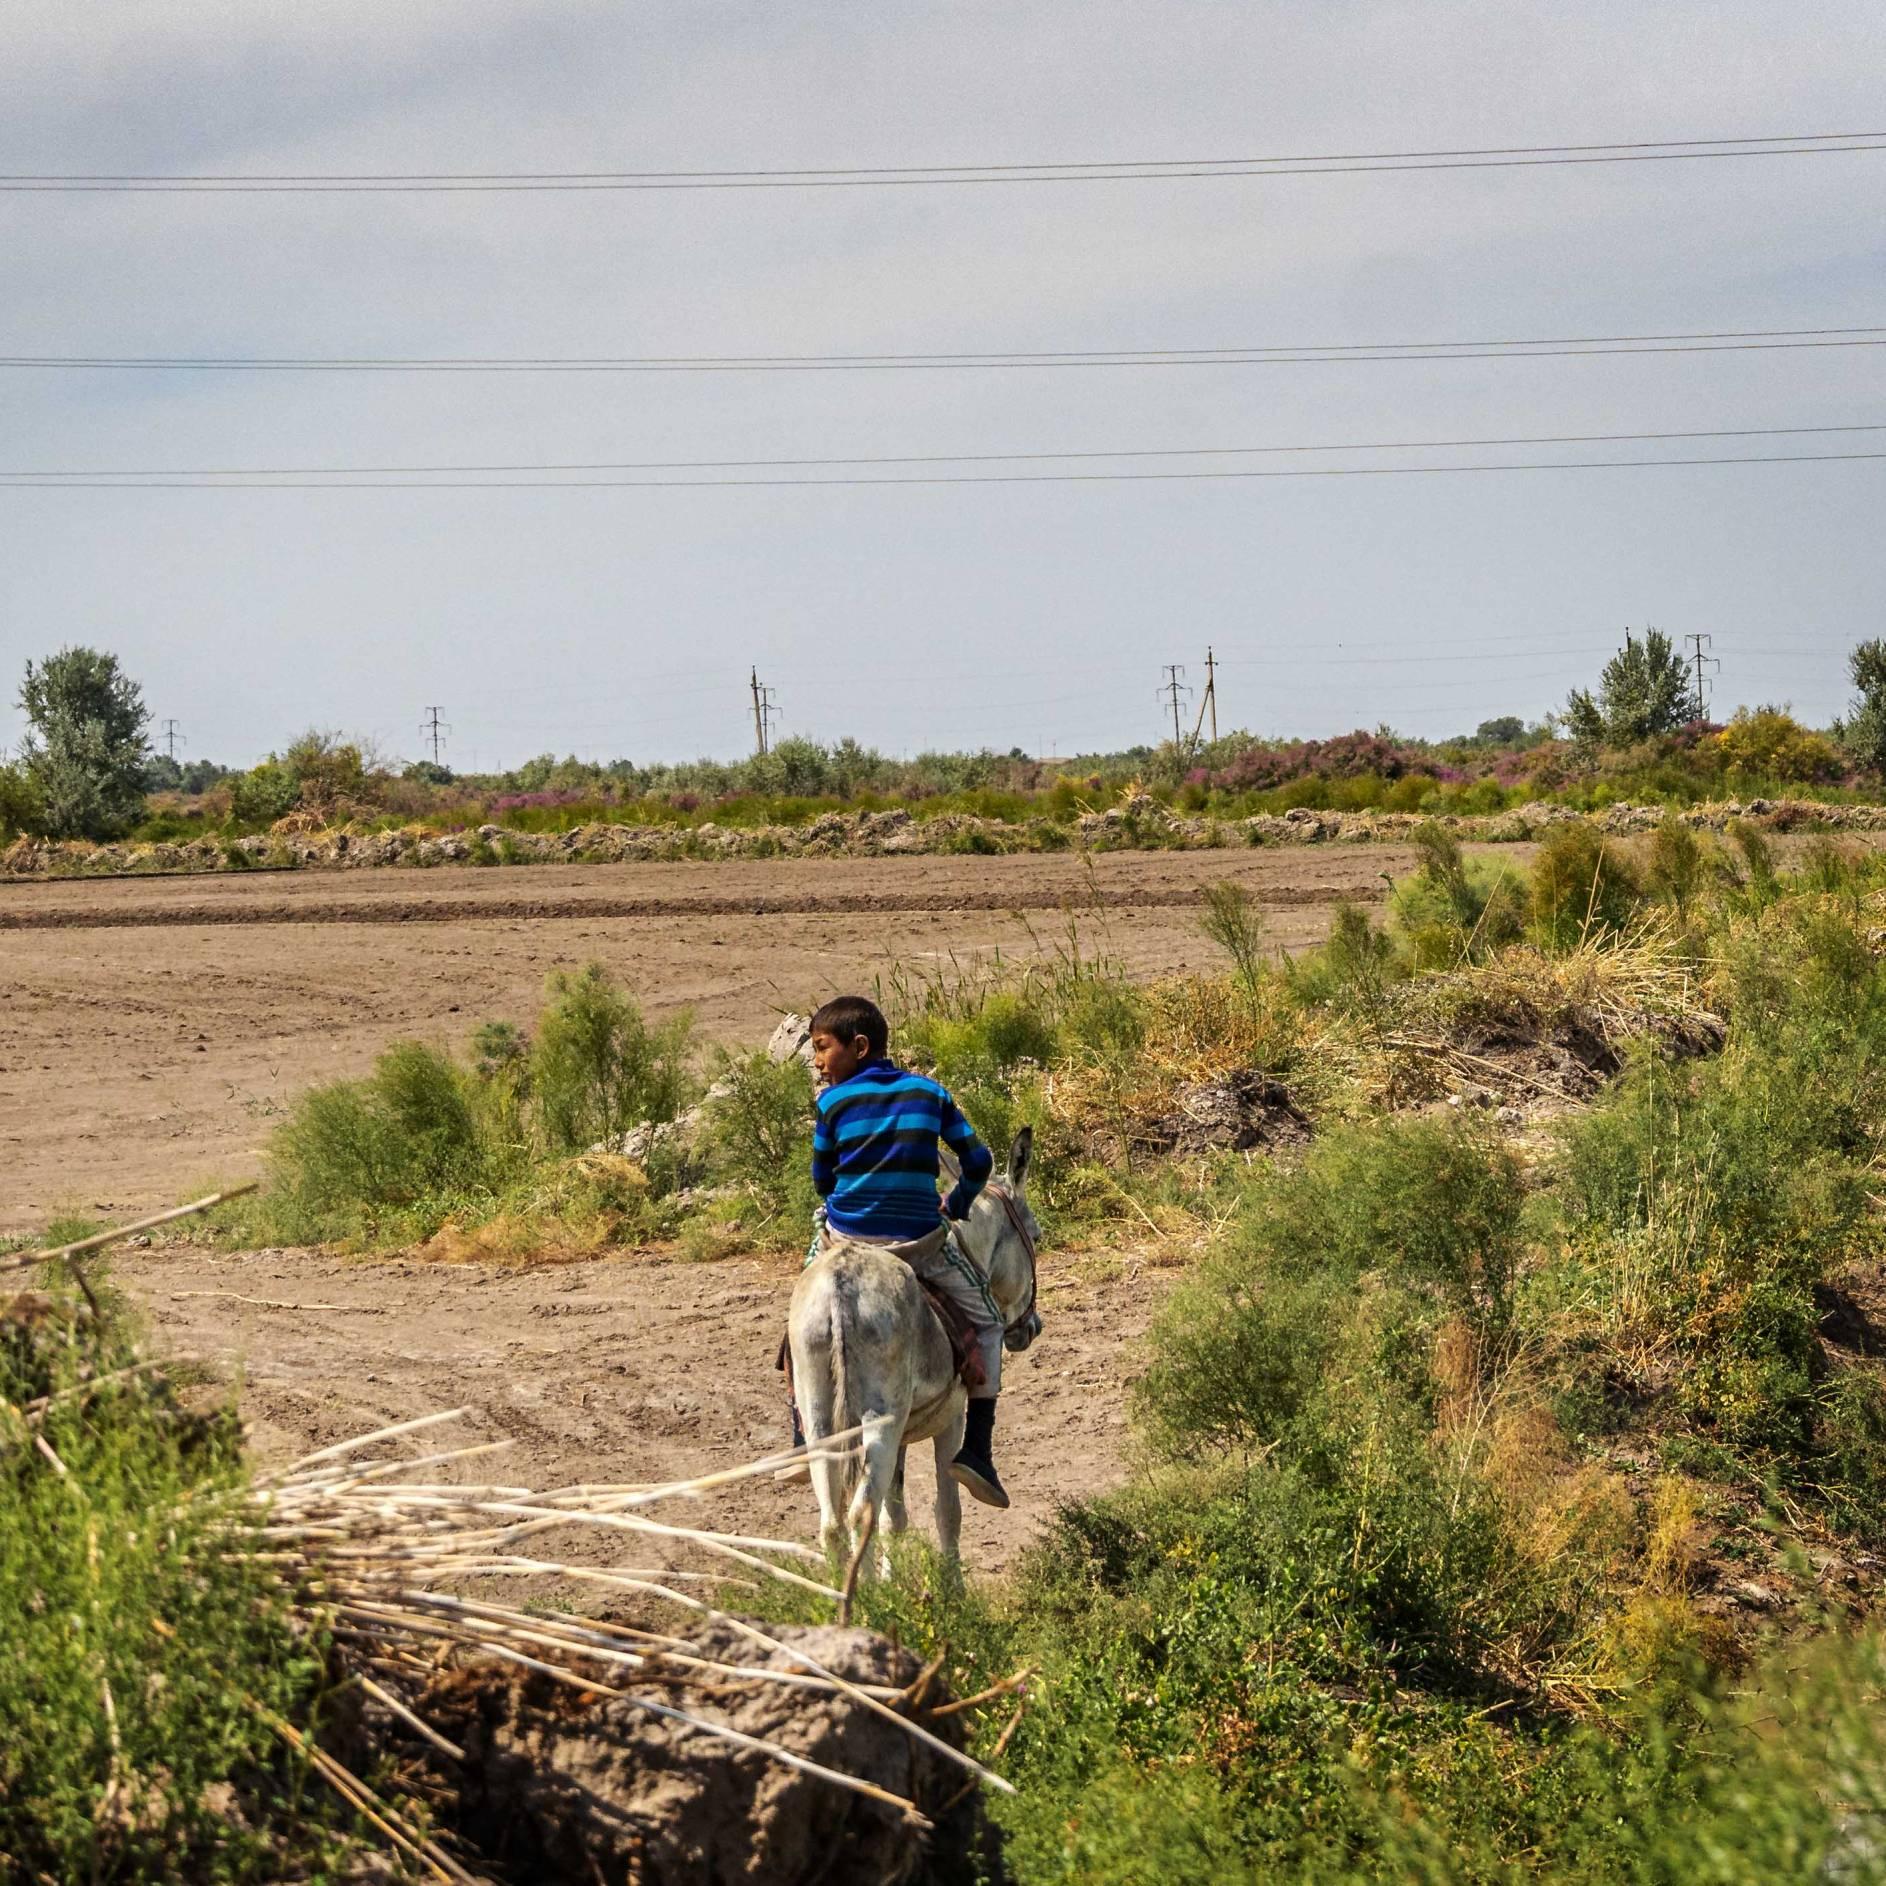 A boy on a donkey